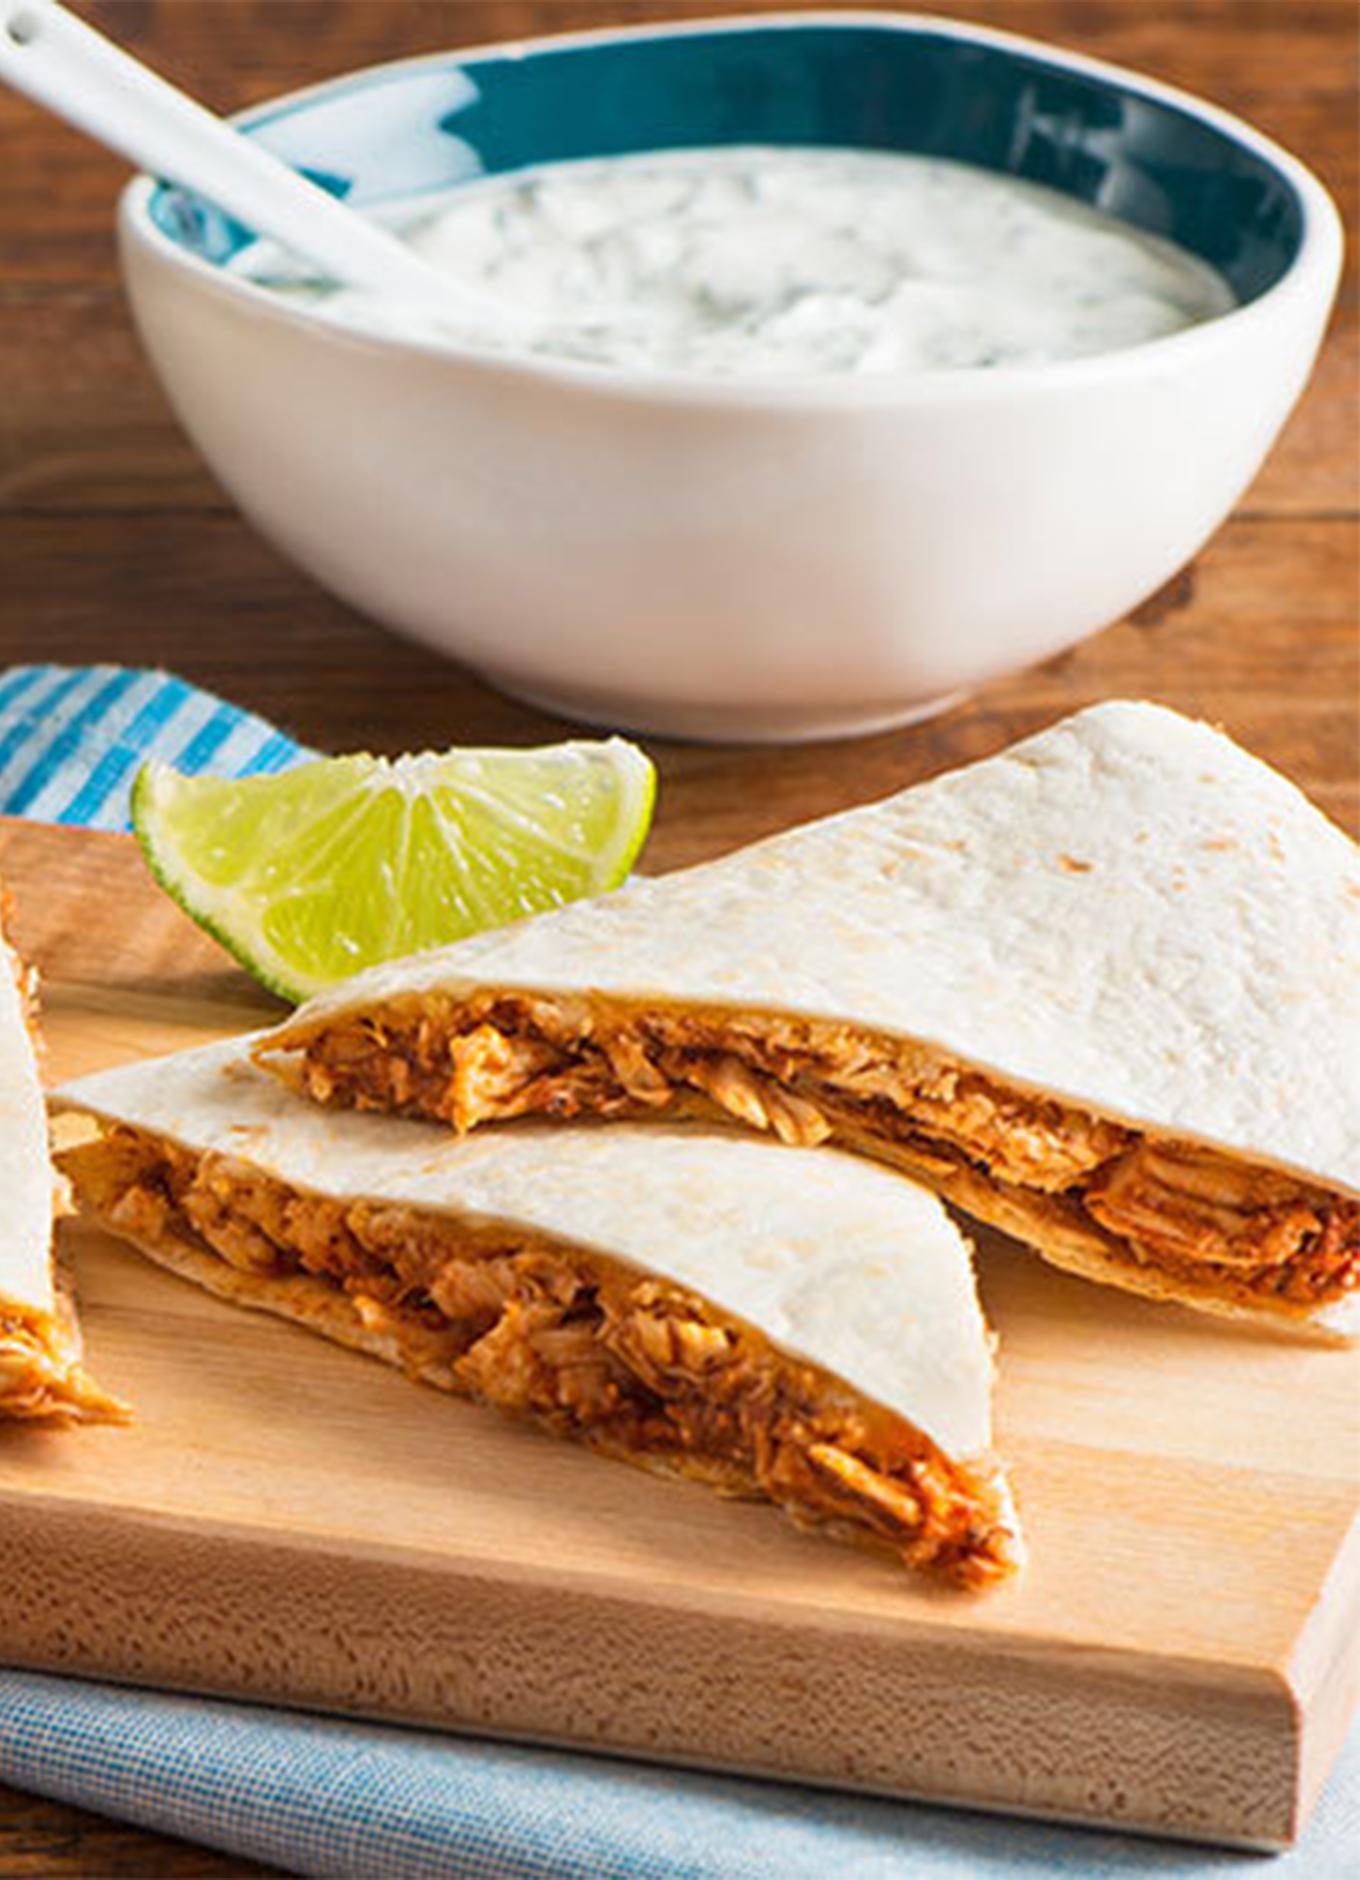 Des quesadillas de poulet servies sur une planche avec un quartier de lime et accompagnées d'une trempette yogourt et menthe